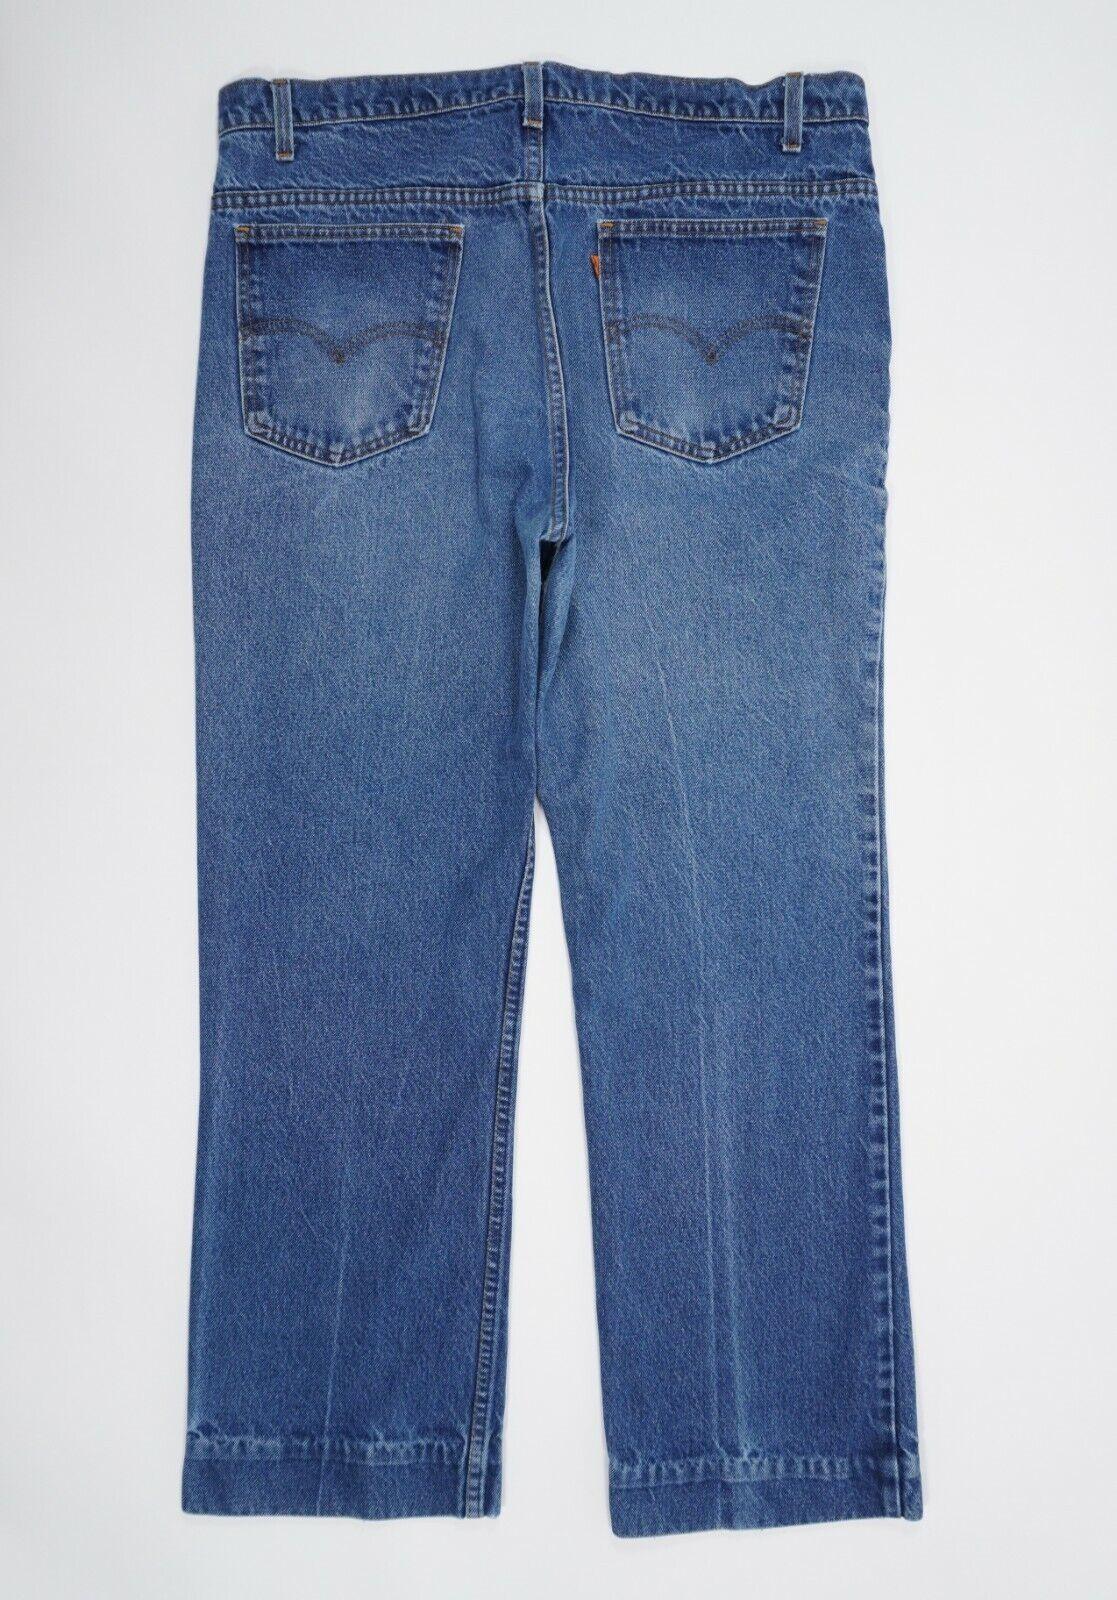 Vintage 90s Levis 517 Mens 36X30 Blue Faded Distr… - image 3